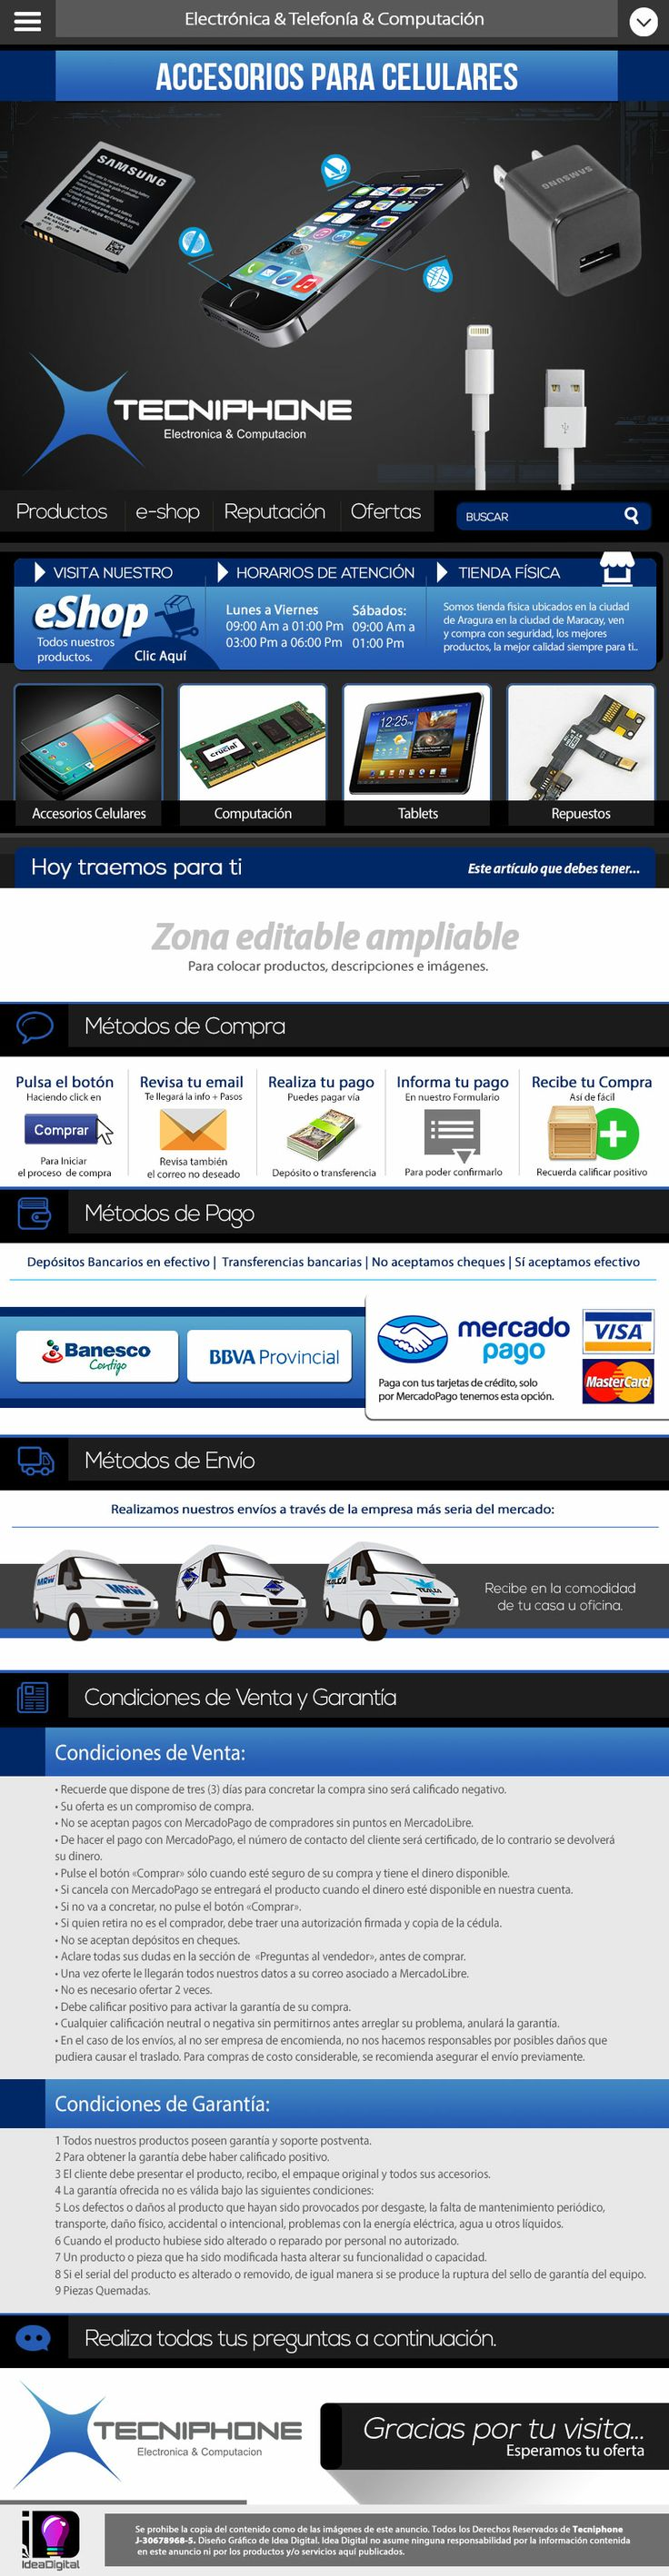 Cliente: Tecniphone / Plantilla editable Mercadolibre / Propiedad Idea Digital / 2014 / #Mercadolibre #Design #Graphicdesign #diseño #diseñográfico #Ventas #creative #art #business #flatdesign #marketing #ideadigital  Visítanos: www.ideadigital.com.ve